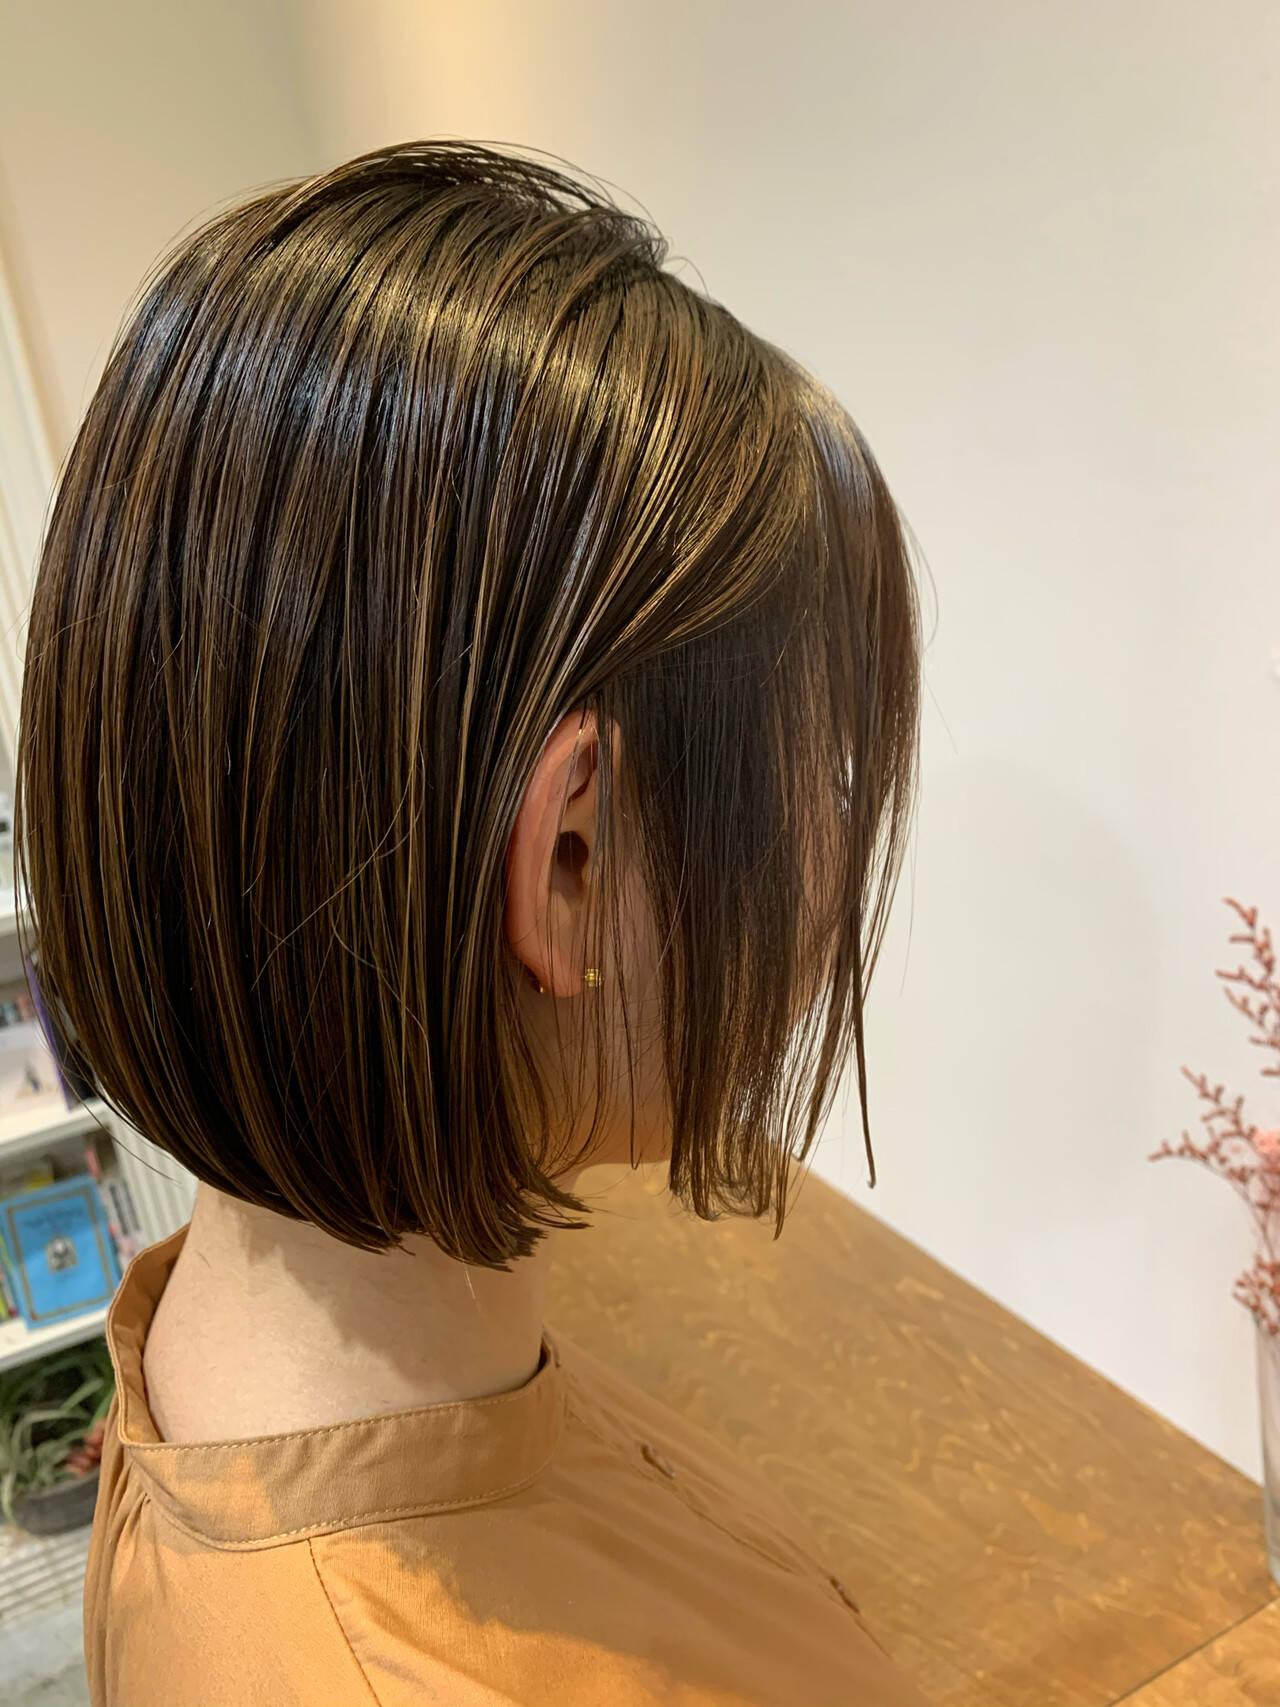 N.オイル ショートヘア 切りっぱなしボブ ミニボブヘアスタイルや髪型の写真・画像